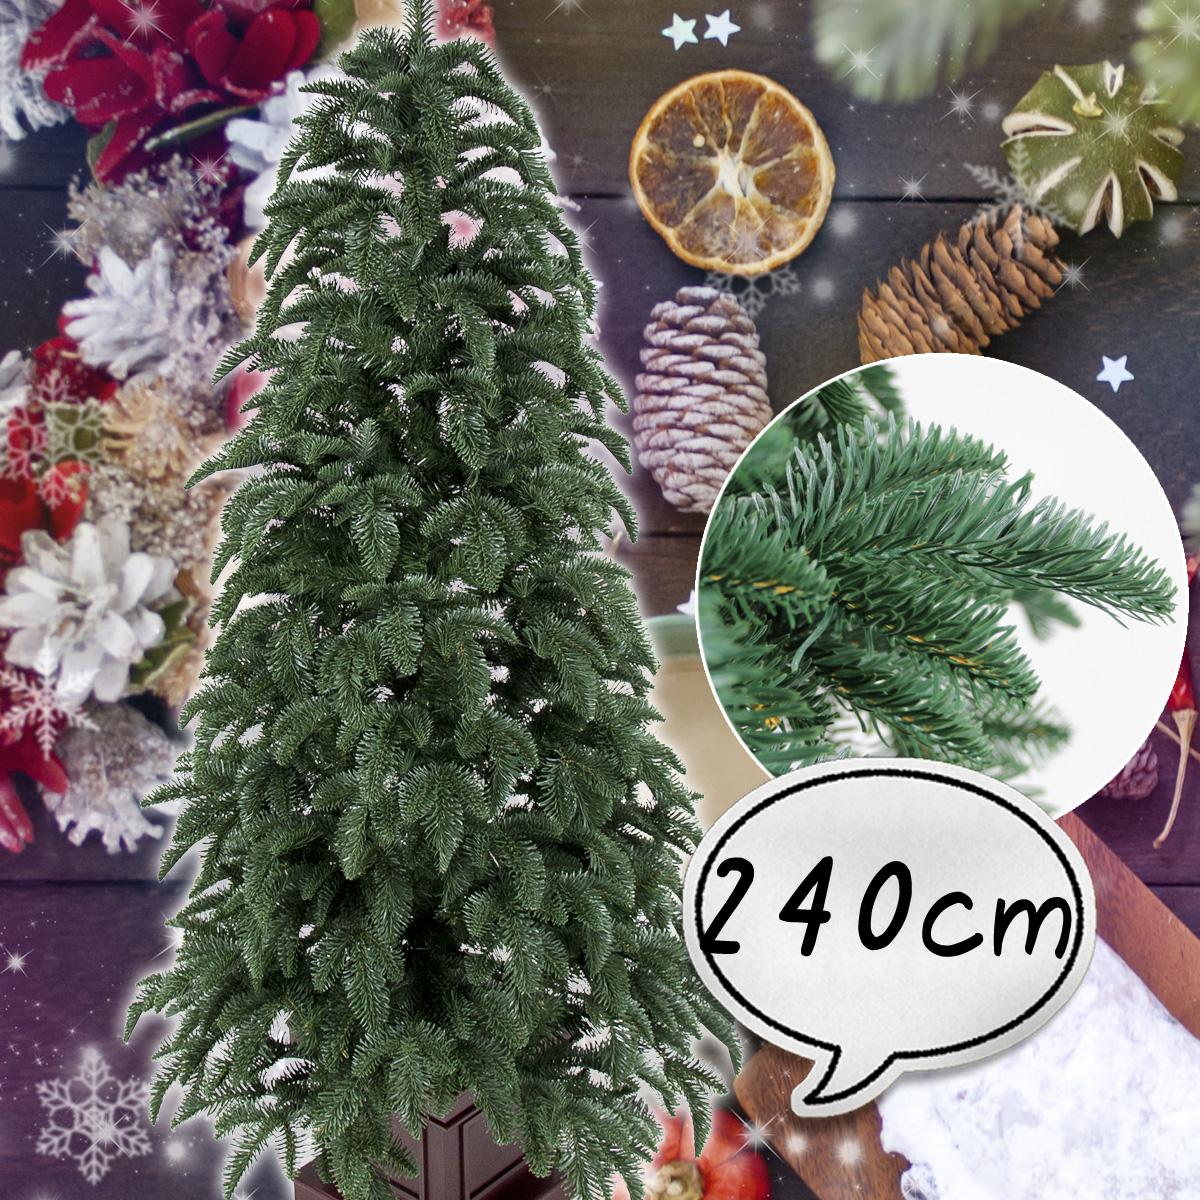 クリスマスツリー 240cm リアルスプルースツリー 木製ポット ポットツリー 葉は本物のような肉厚 北欧 おしゃれ ウッドベース 【10月中旬入荷予定】